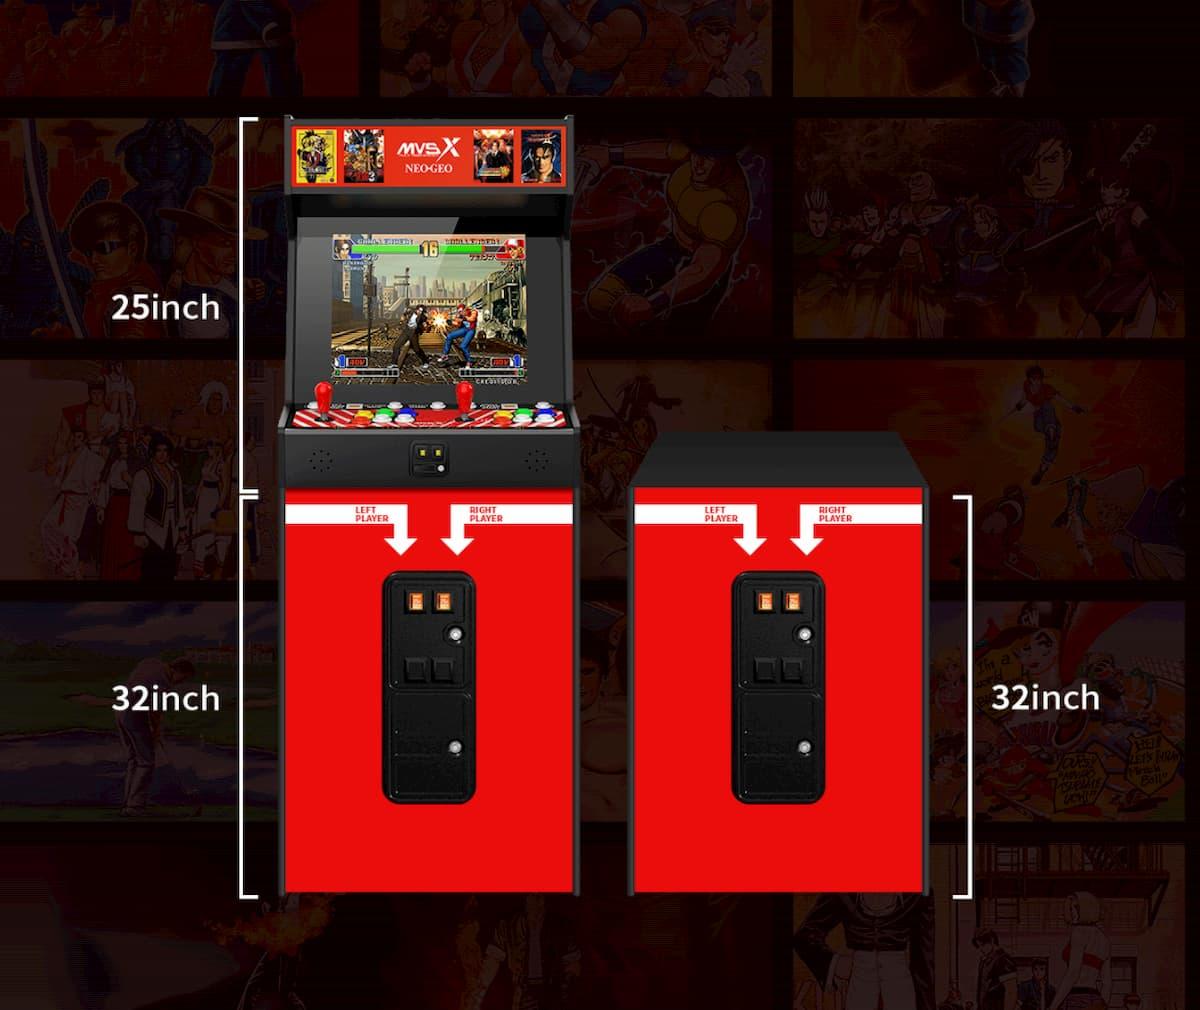 SNK NEOGEO MVSX Home Arcade